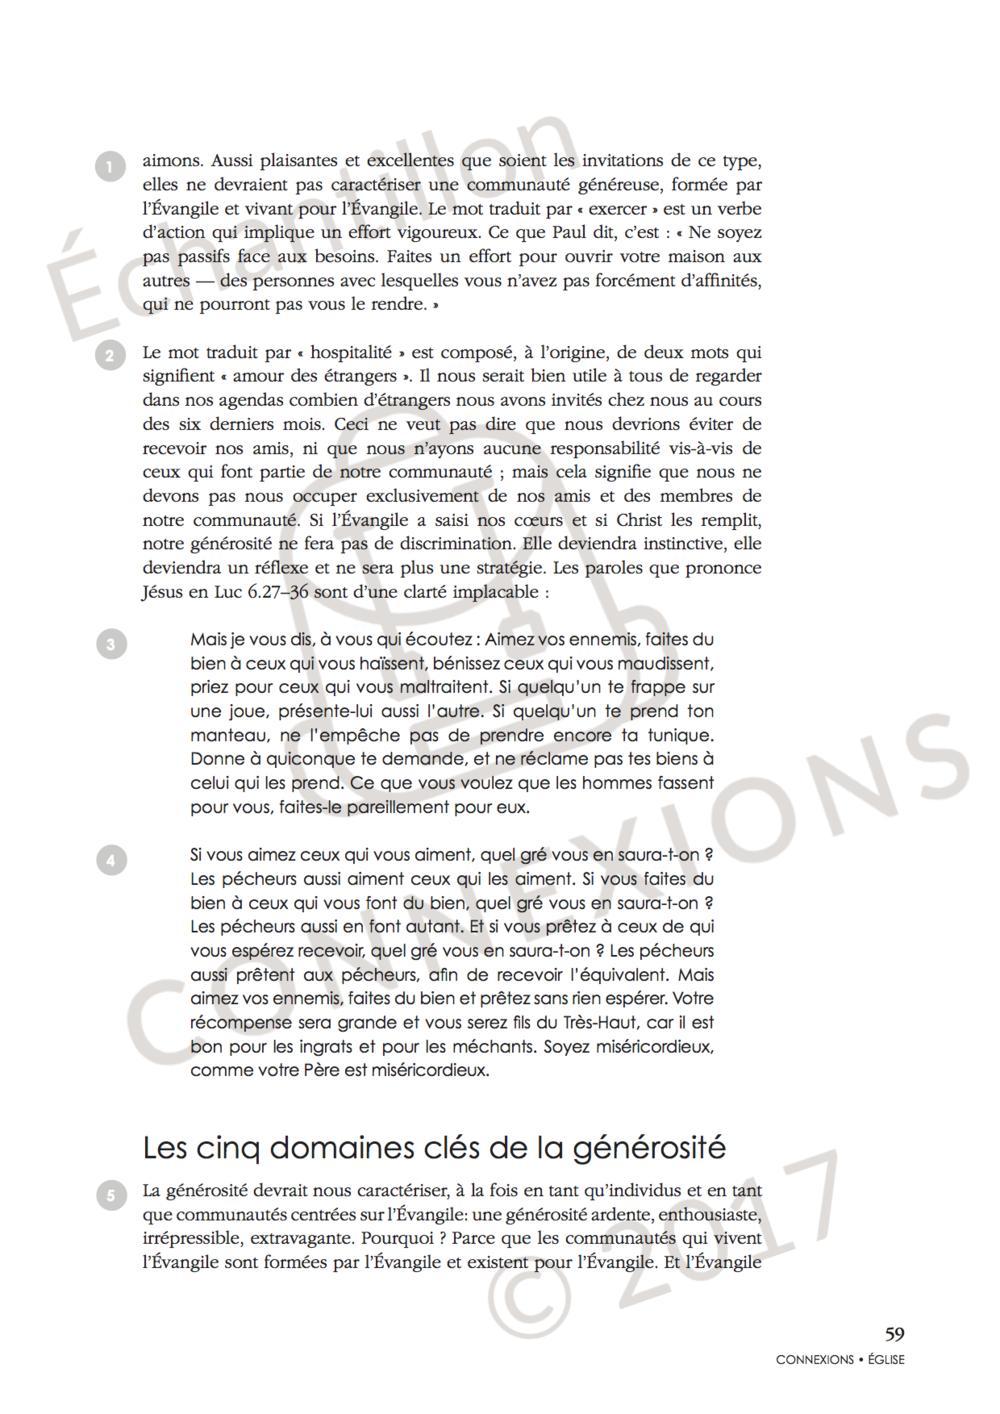 L'Évangile au cœur de la communauté_sample_published.7.png